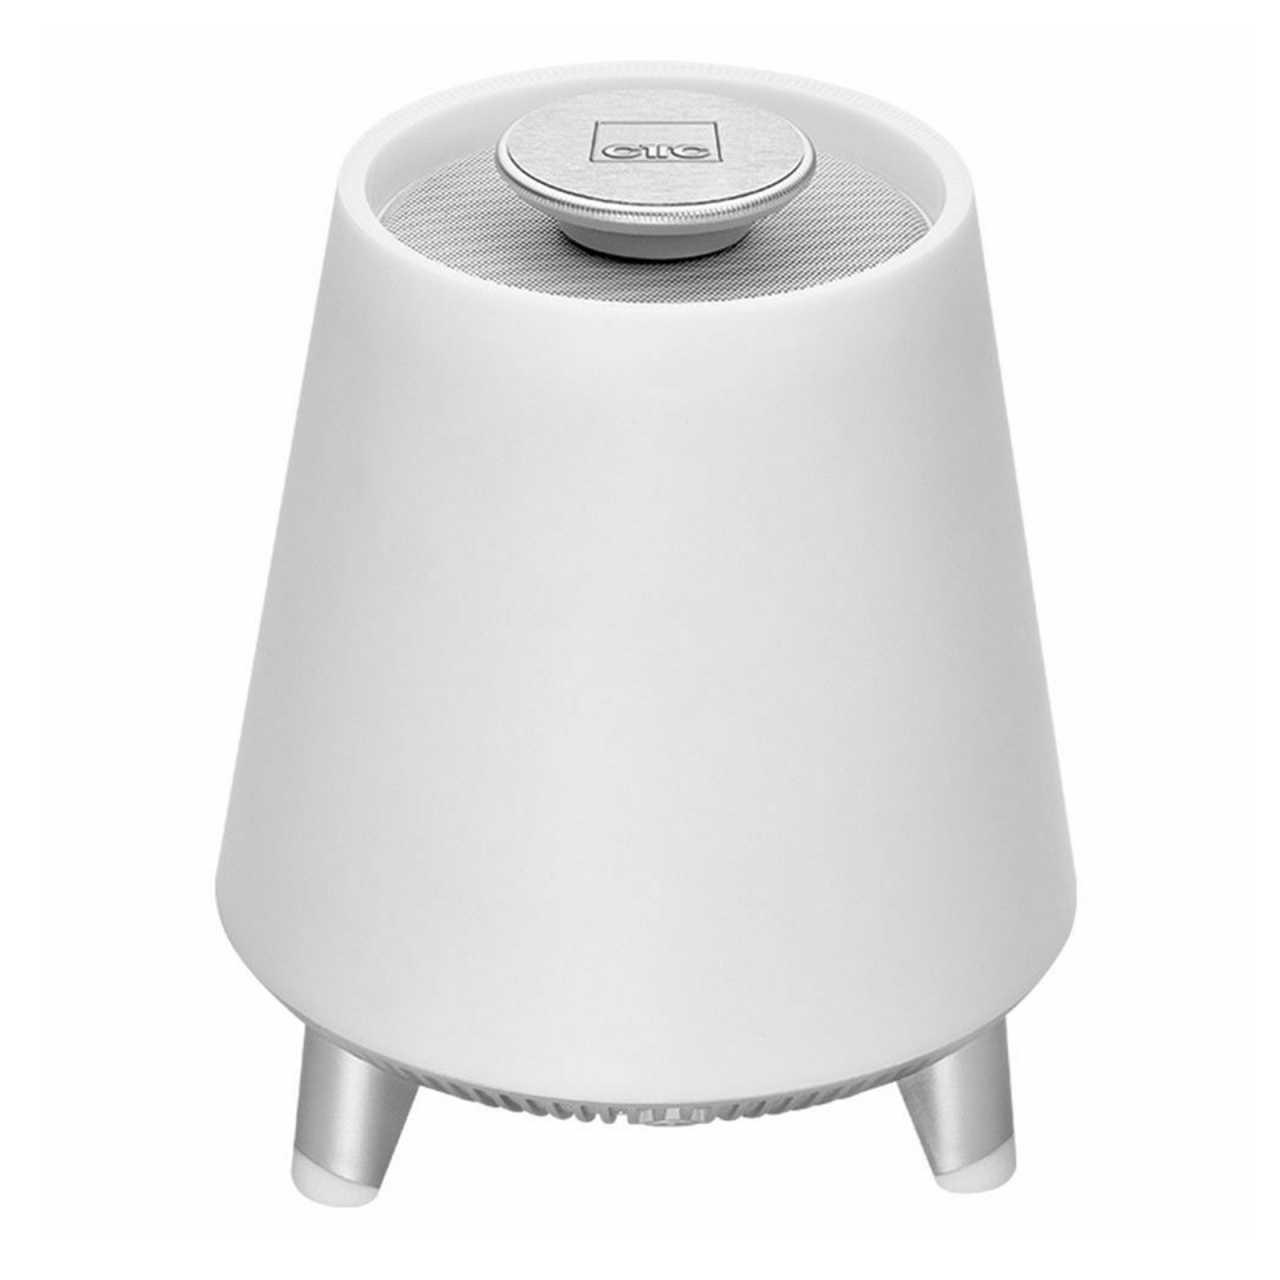 Clatronic Bluetooth Lautsprecher BSS 7002